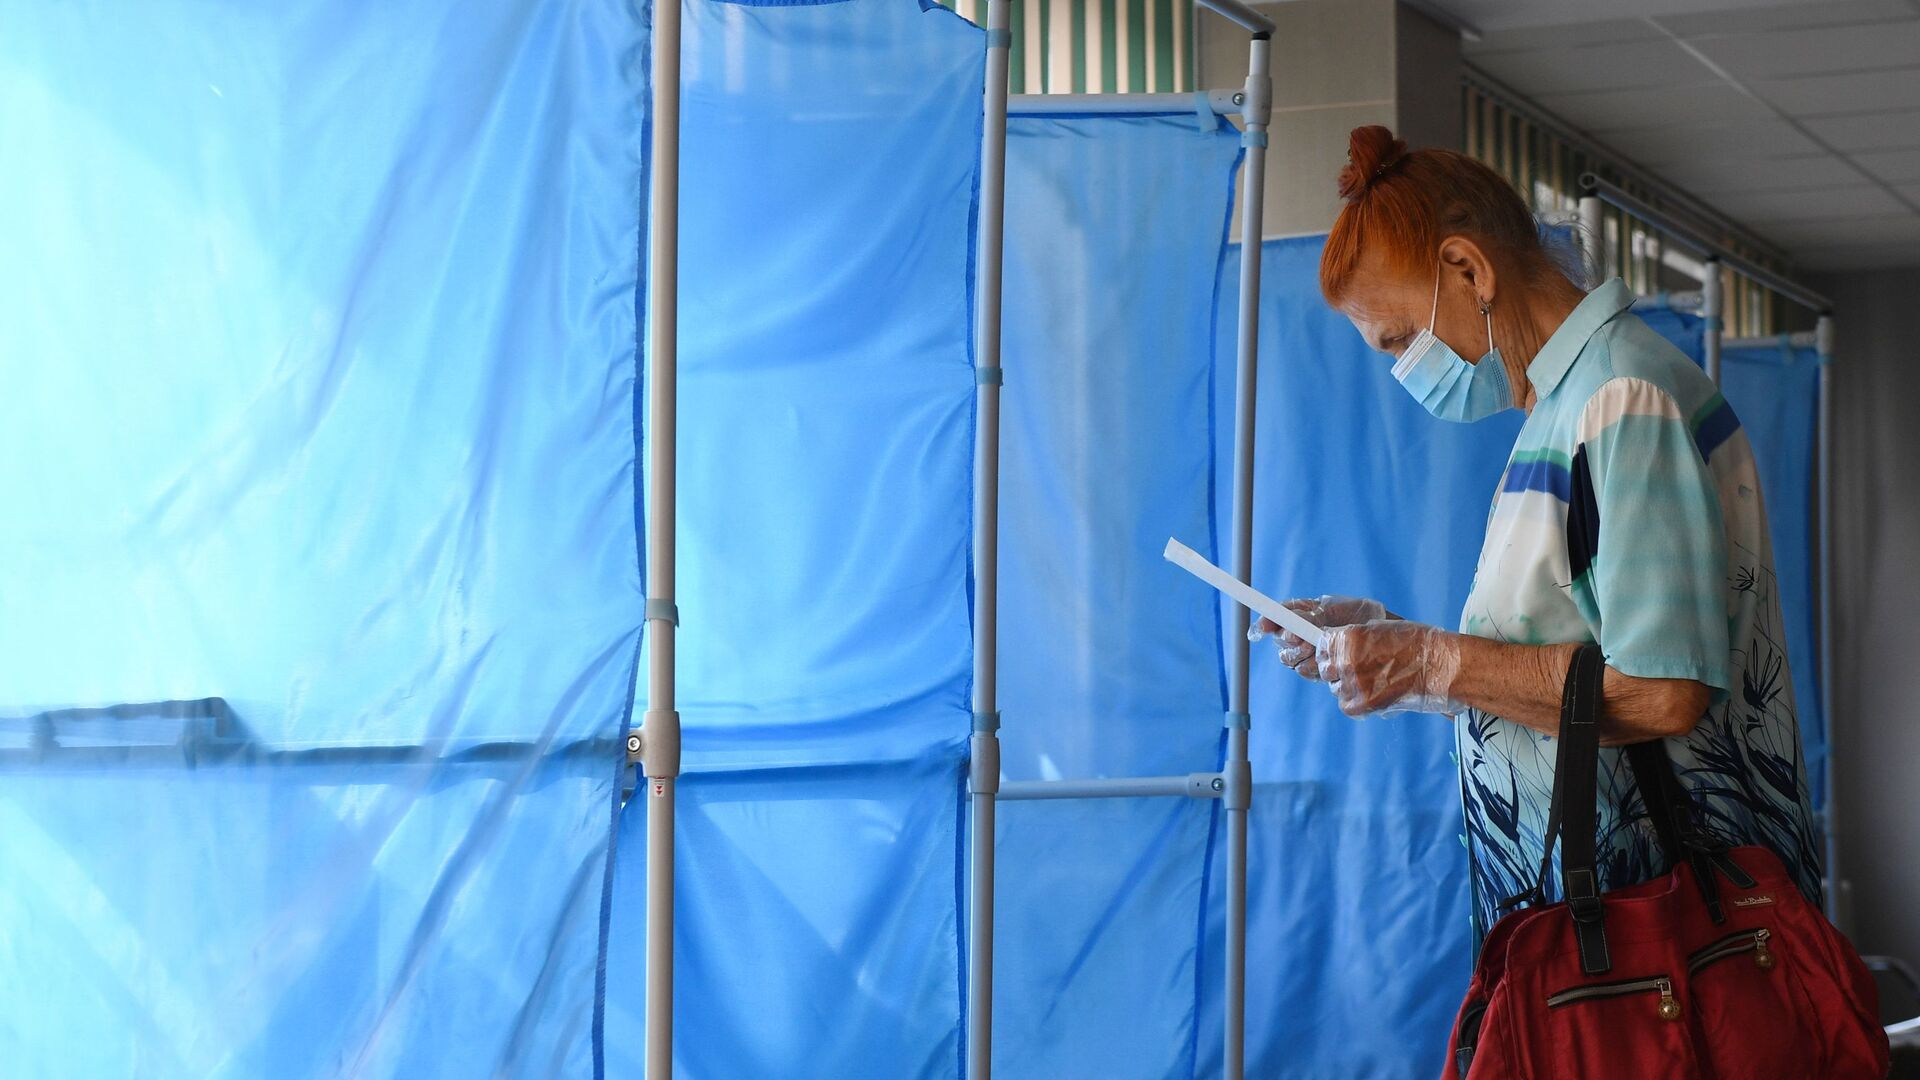 Женщина принимает участие в голосовании по внесению поправок в Конституцию РФ на избирательном участке №1503 в Новосибирске - Sputnik Грузия, 1920, 20.09.2021